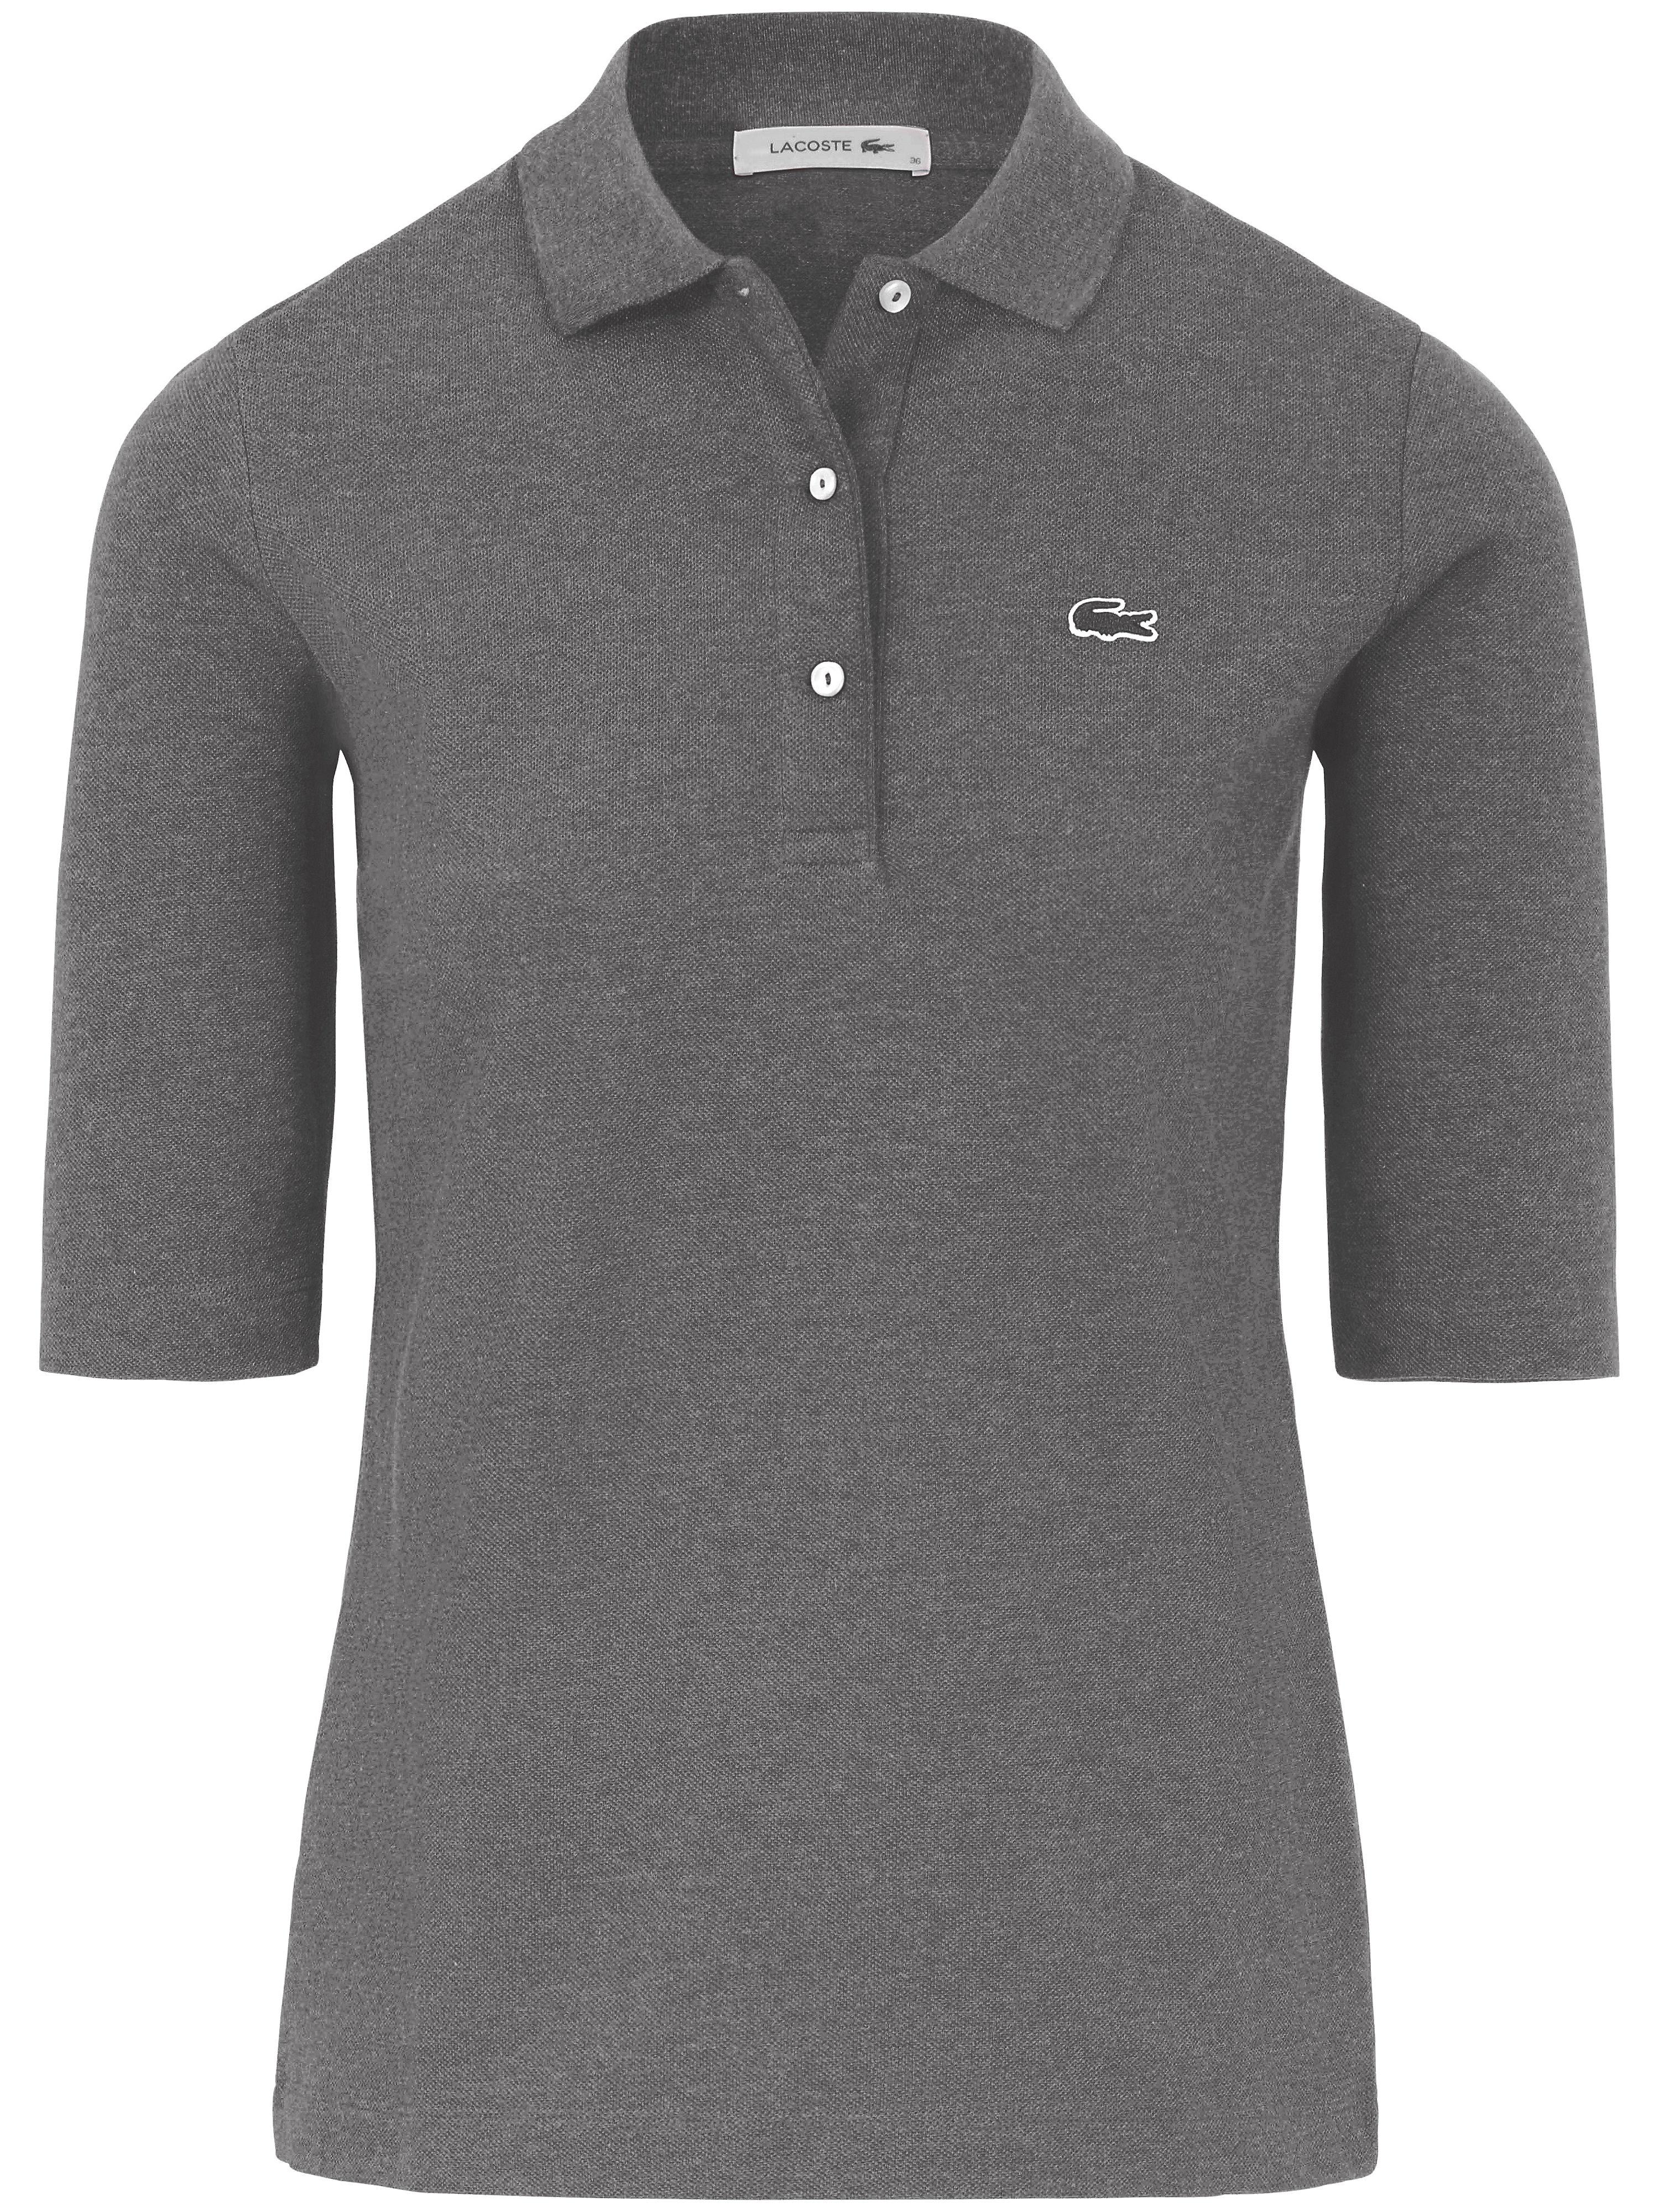 09d074c838b6f6 Polo Shirt langem 1/2-Arm Lacoste grau Größe: 36€ 85,00€ 66,95Anbieter:  peterhahn.atVersand: € 5,95 -21%